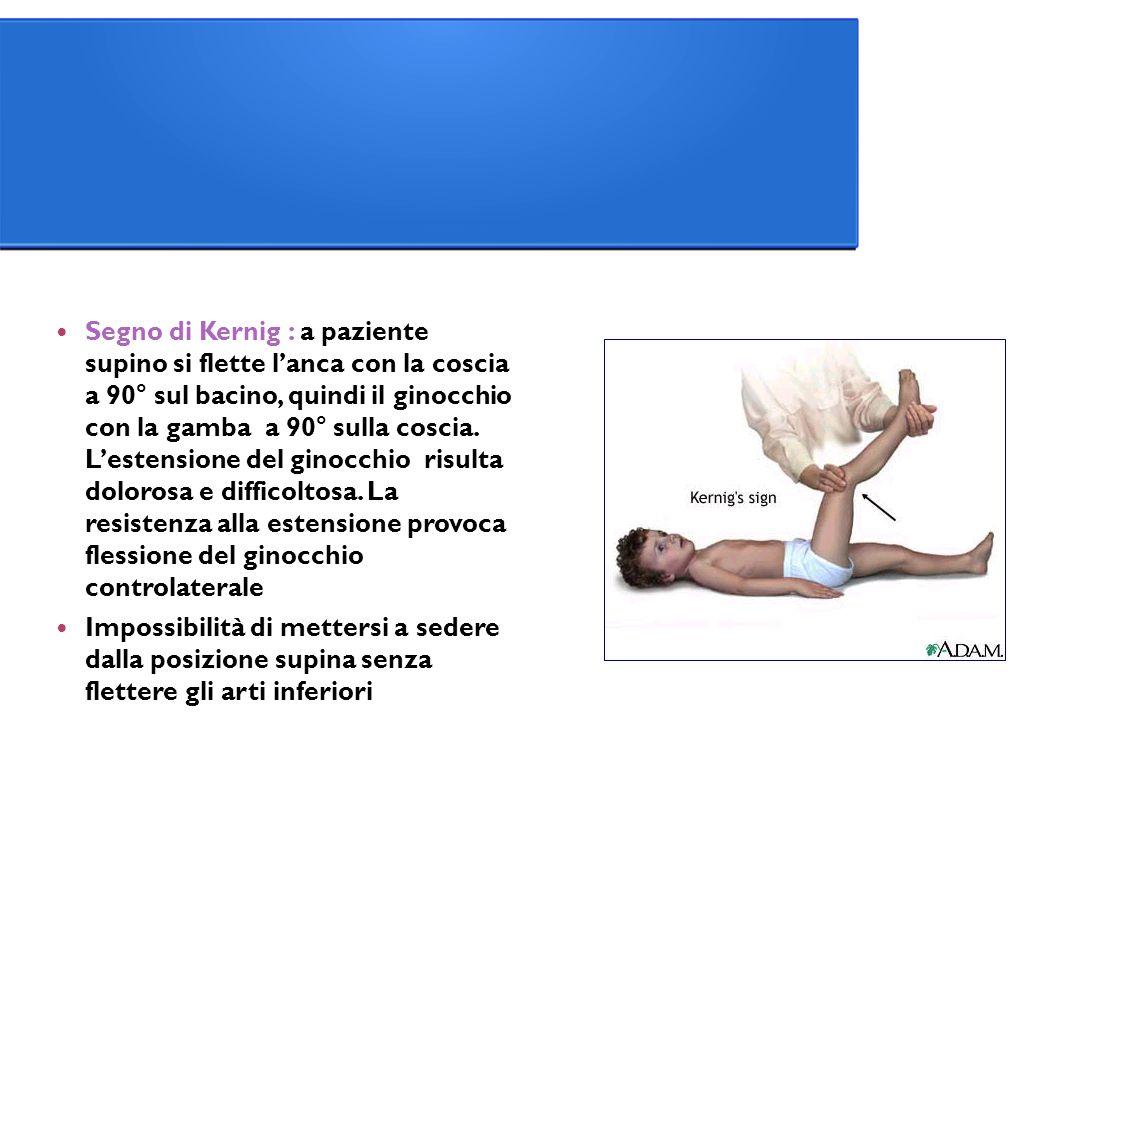 Segno di Kernig : a paziente supino si flette l'anca con la coscia a 90° sul bacino, quindi il ginocchio con la gamba a 90° sulla coscia.